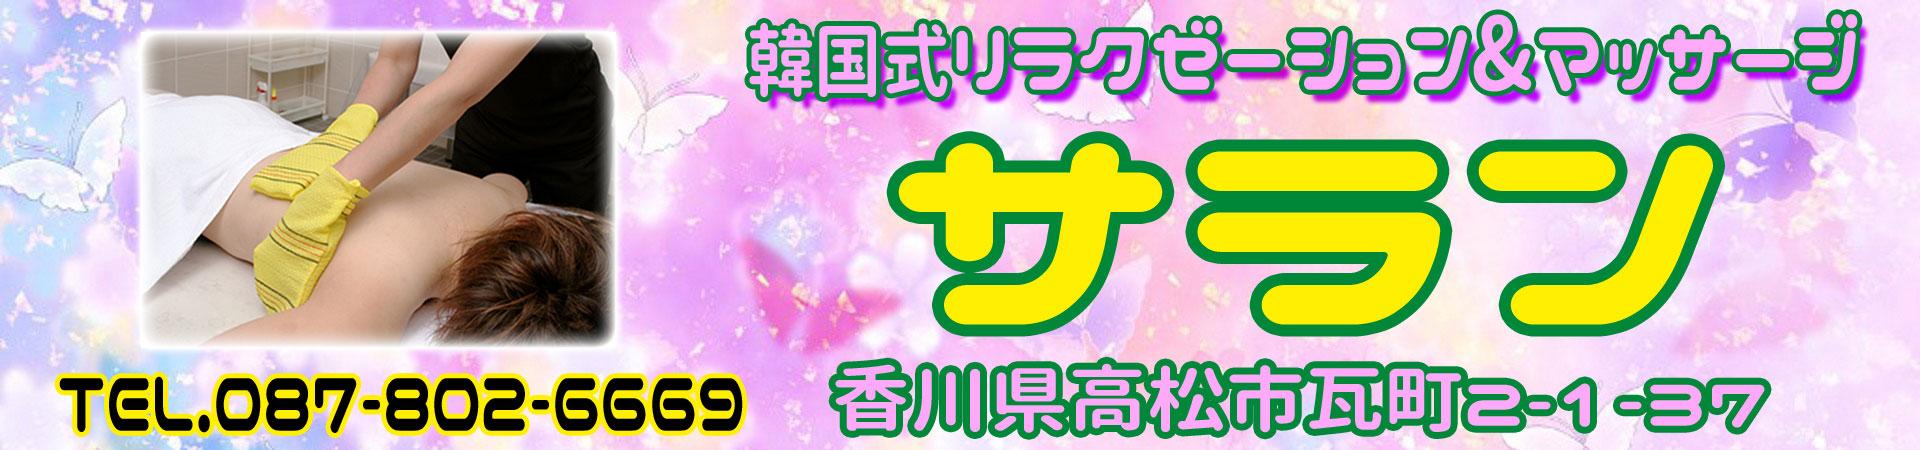 非公開: 【サラン】高松/香川